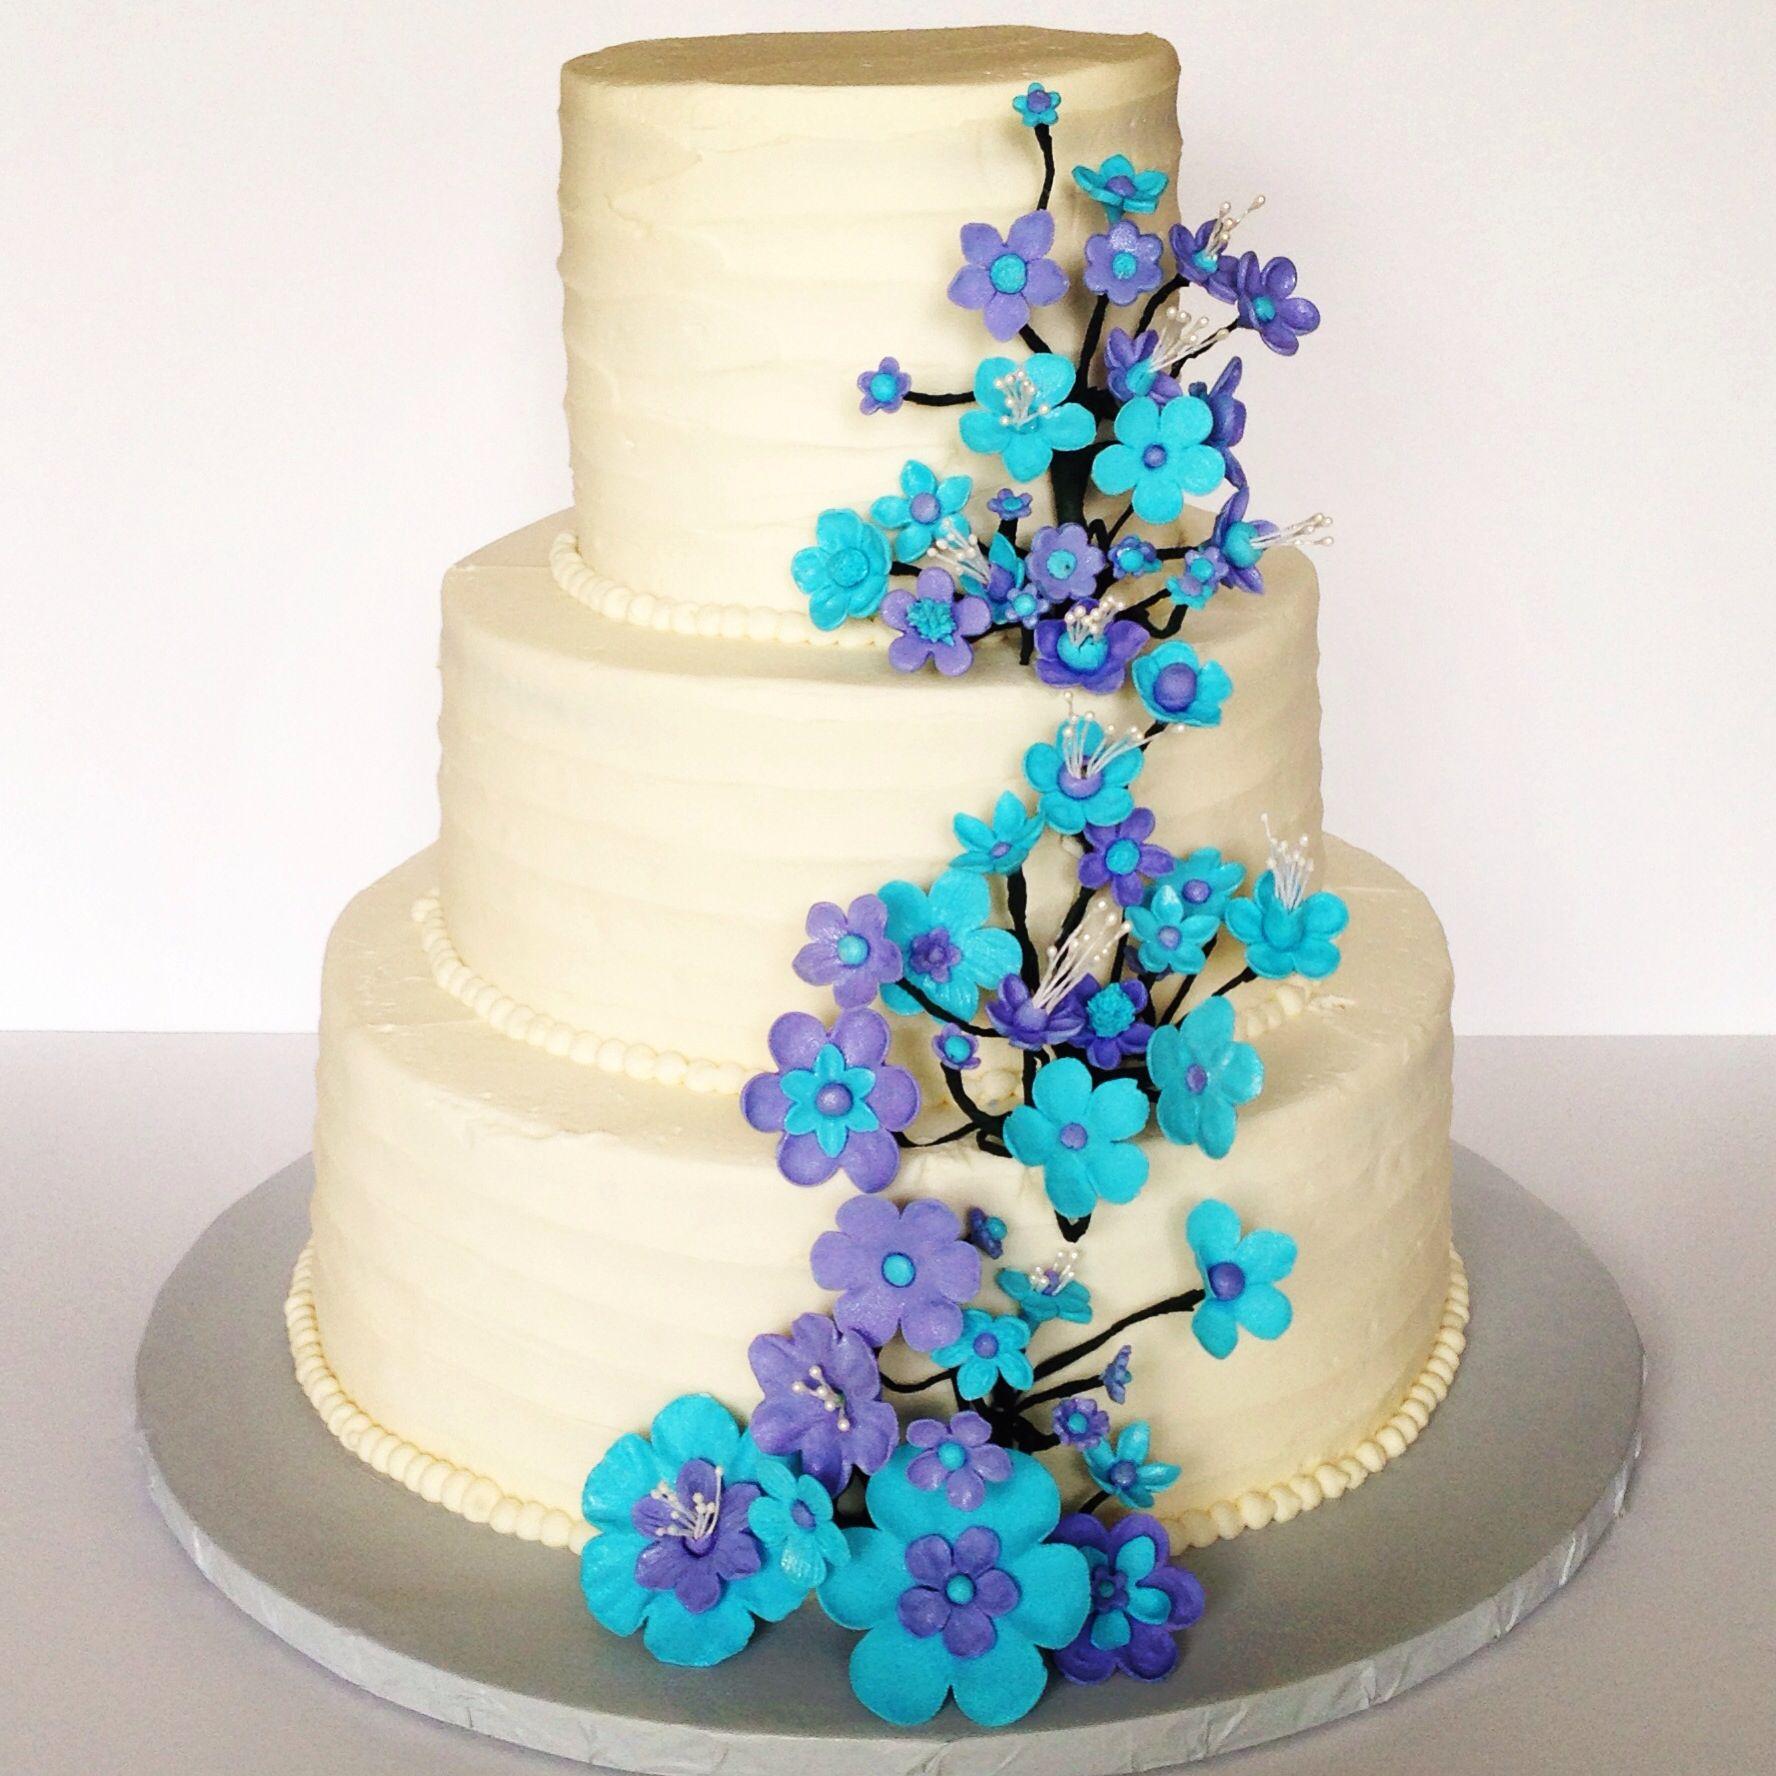 Rustic wedding cake gumpaste flowers aqua and purple wedding cake rustic wedding cake gumpaste flowers aqua and purple wedding cake teal and purple wedding cake buttercream wedding cake thesweetestbaker izmirmasajfo